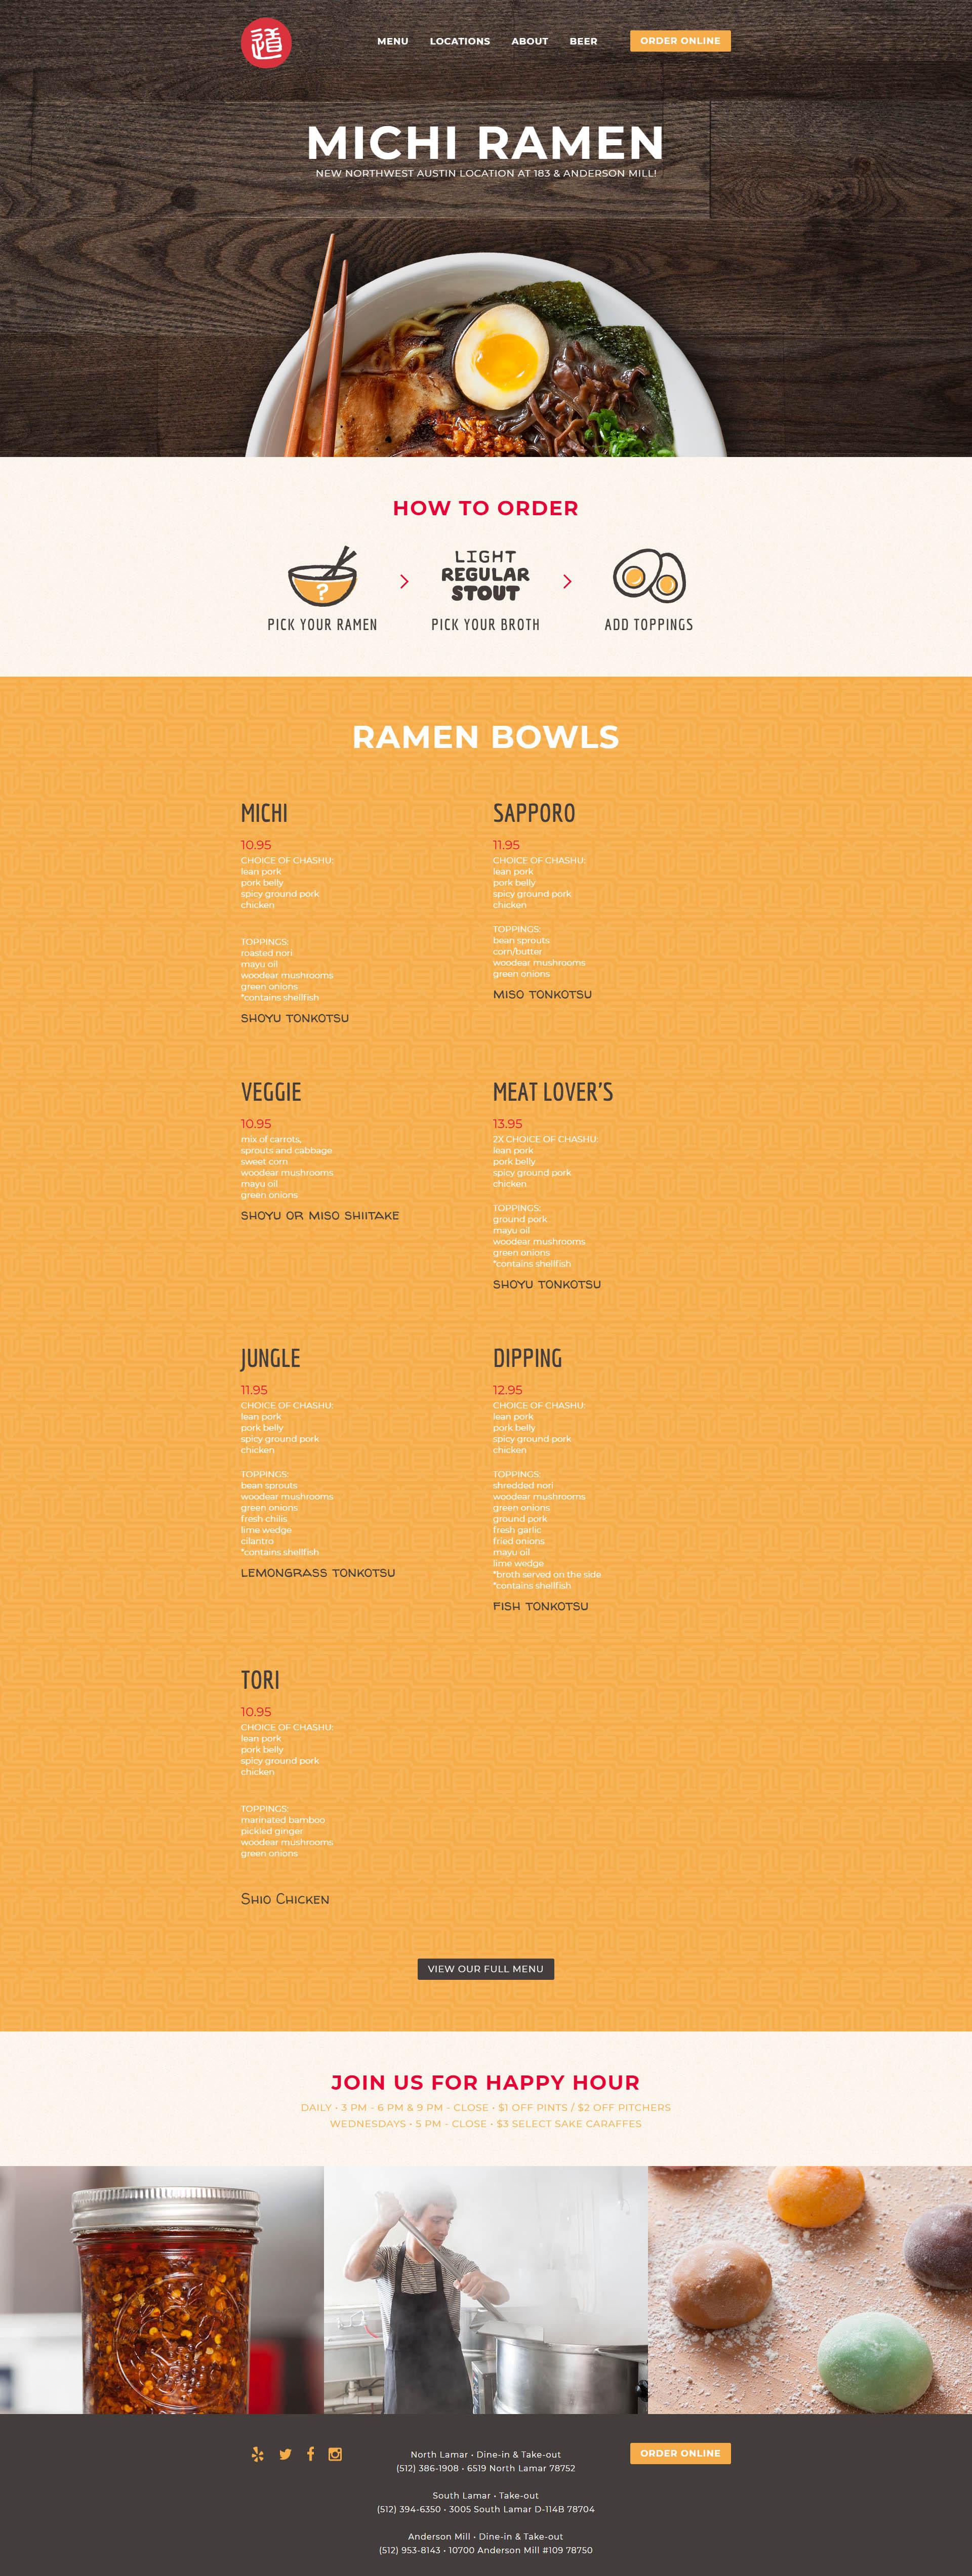 Previous Authentic Restaurant Website Design Sample